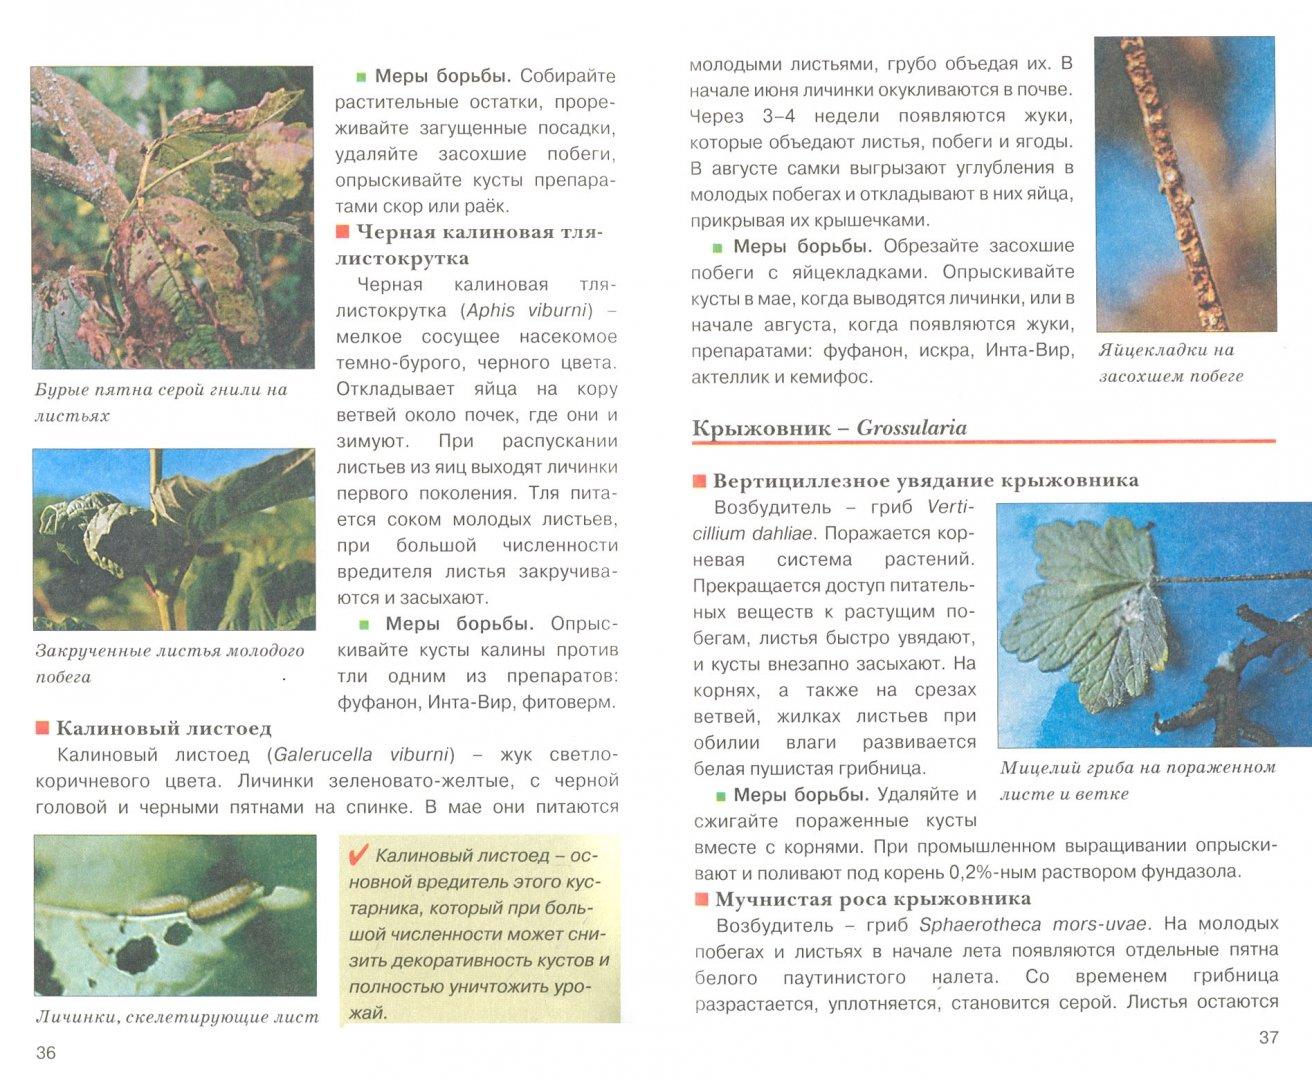 Иллюстрация 1 из 5 для Защита сада от болезней и вредителей. Искусство оформления сада - Любовь Трейвас   Лабиринт - книги. Источник: Лабиринт